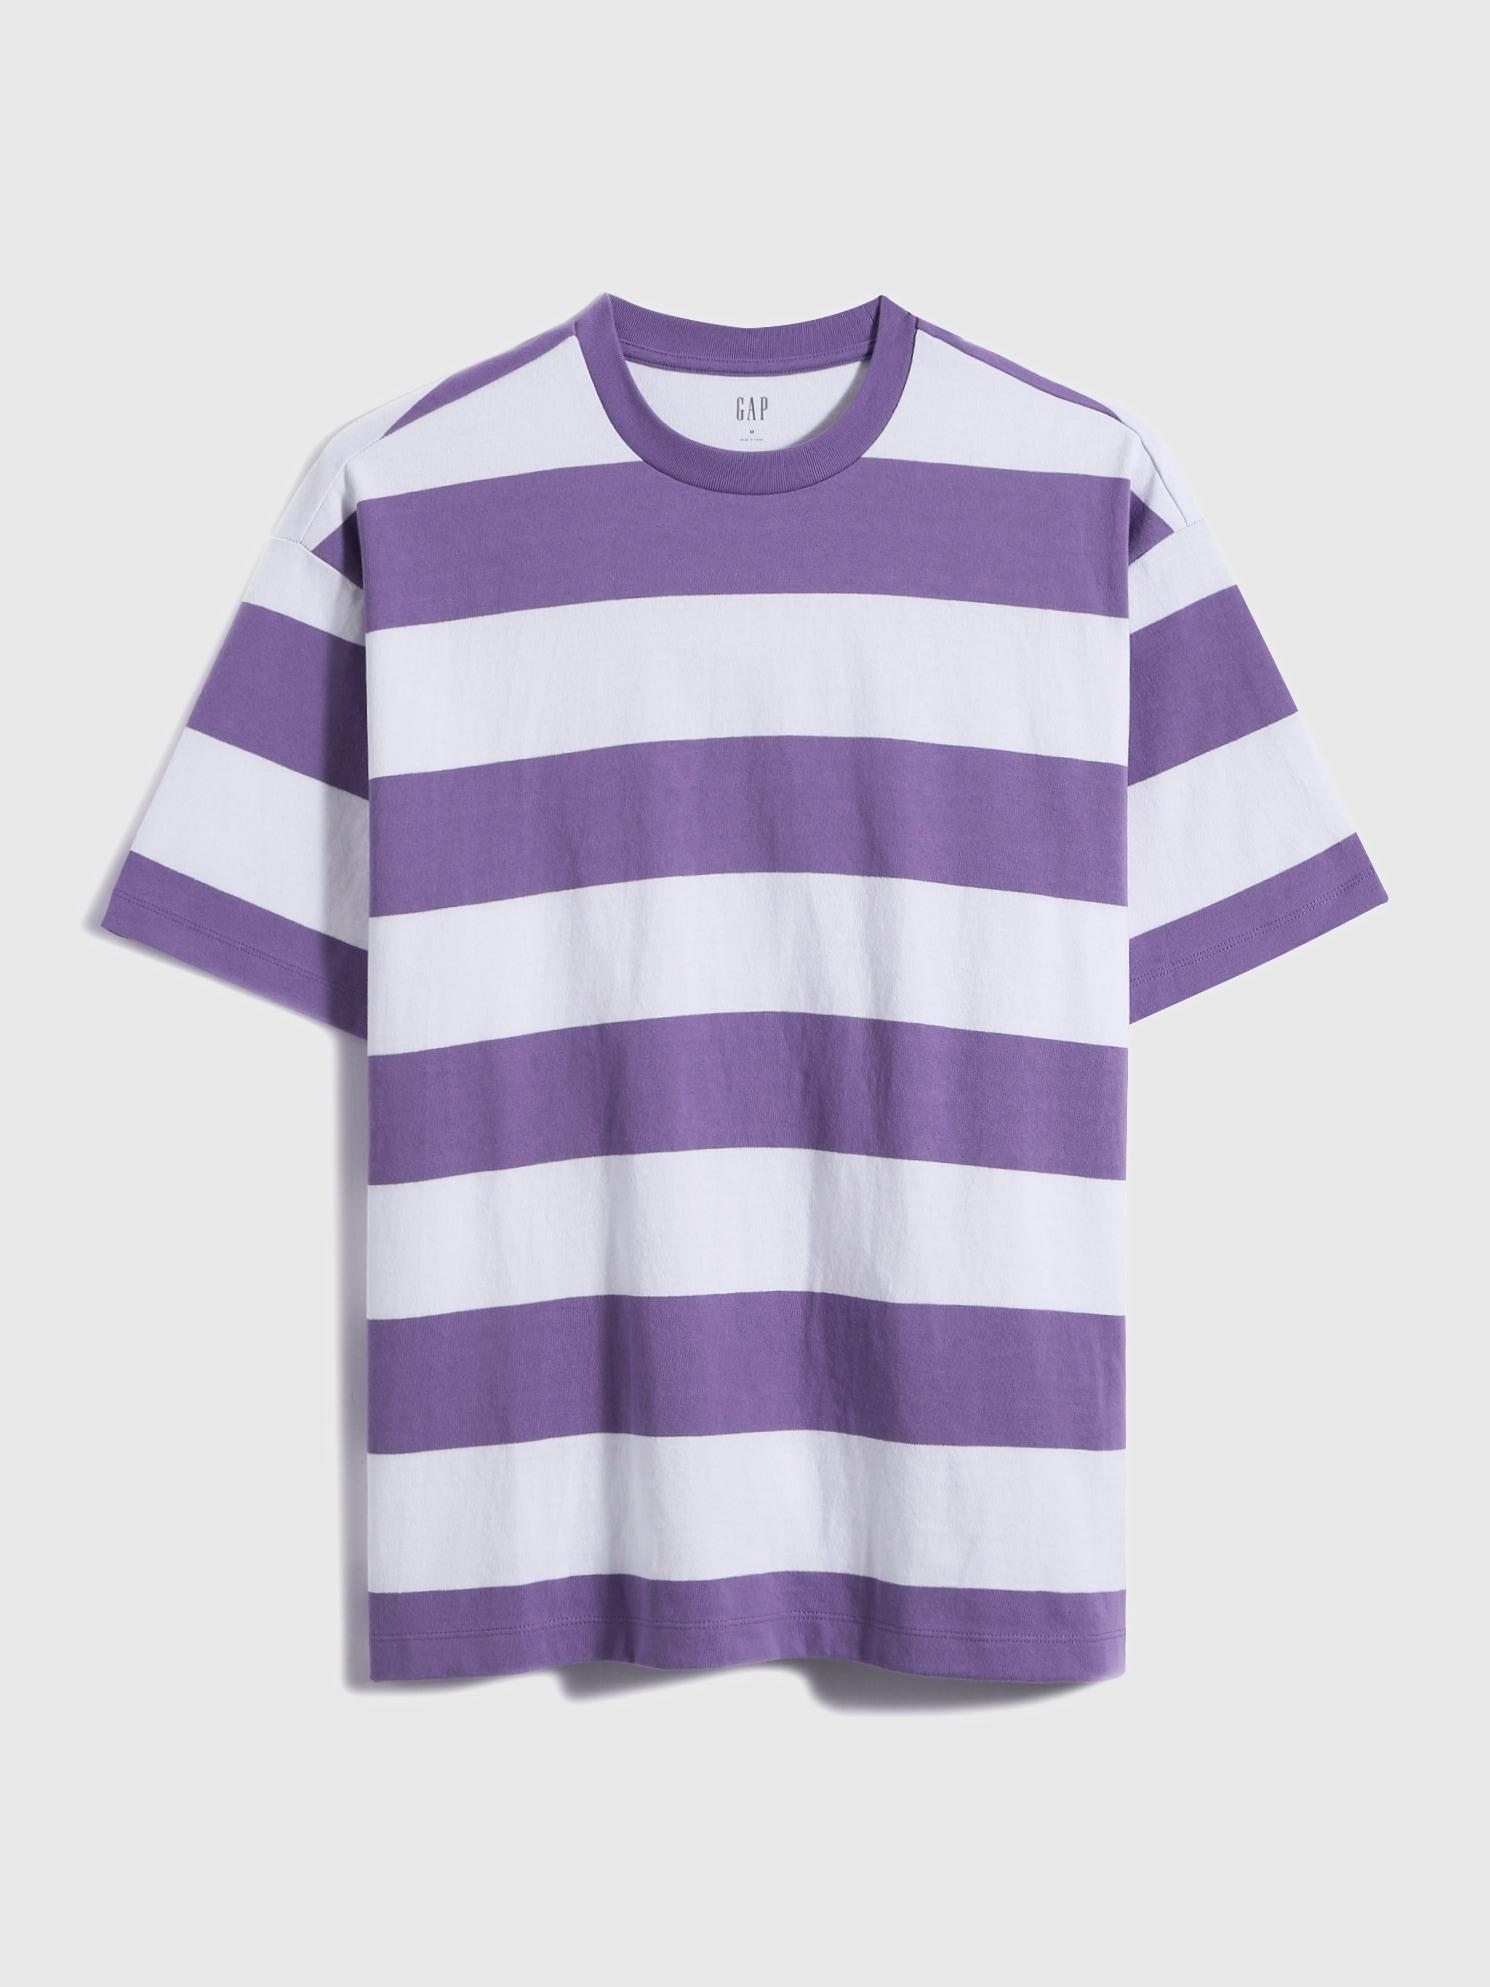 ストライプクルーネックtシャツ